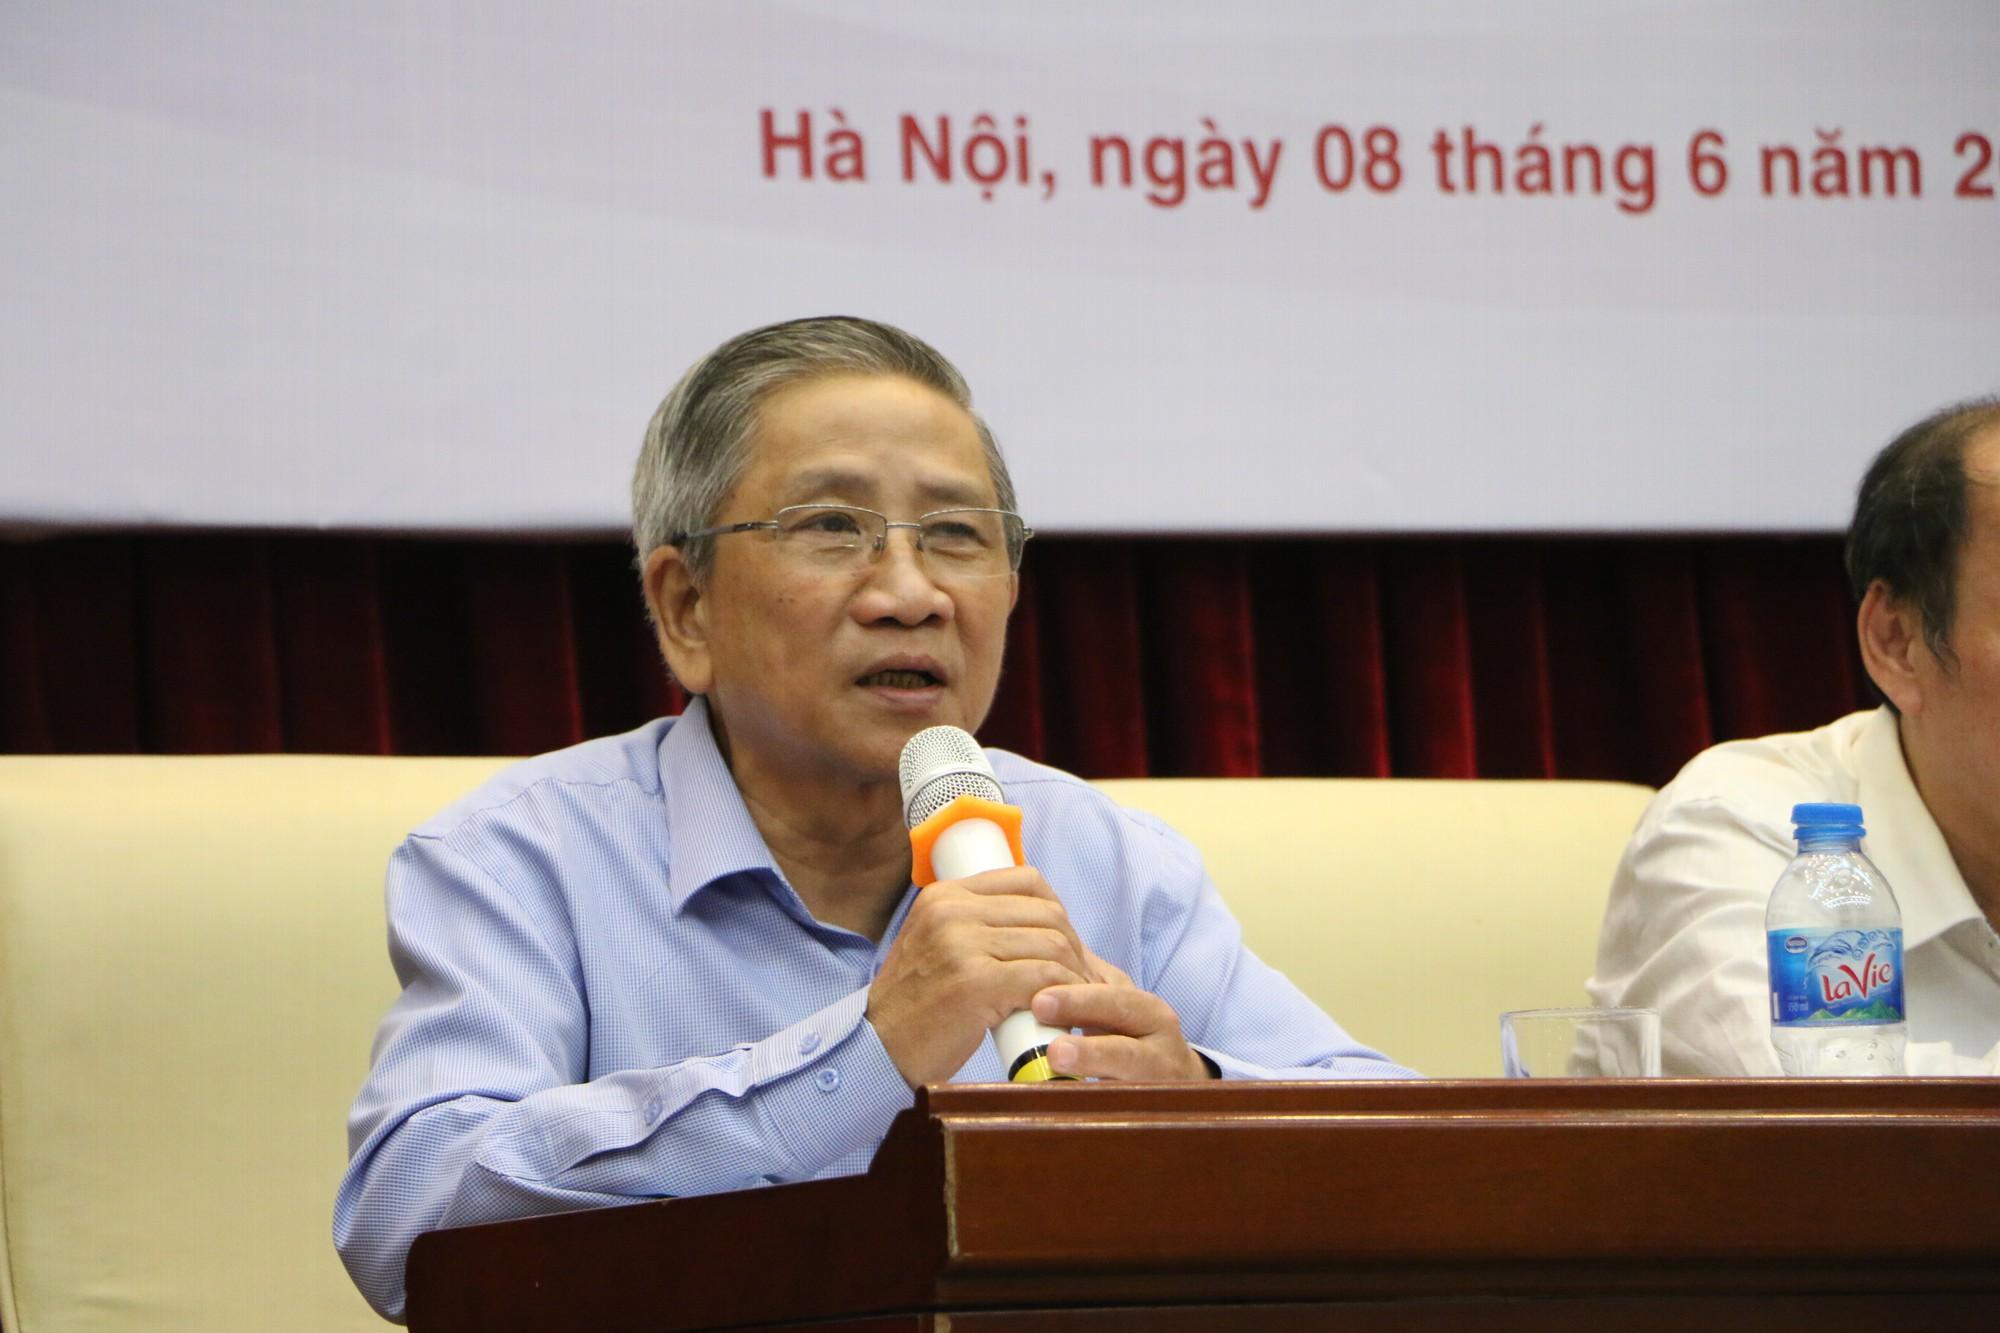 GS Nguyễn Minh Thuyết: Đã có 4 - 5 nhà xuất bản chuẩn bị sách giáo khoa cho chương trình GDPT mới - Ảnh 1.